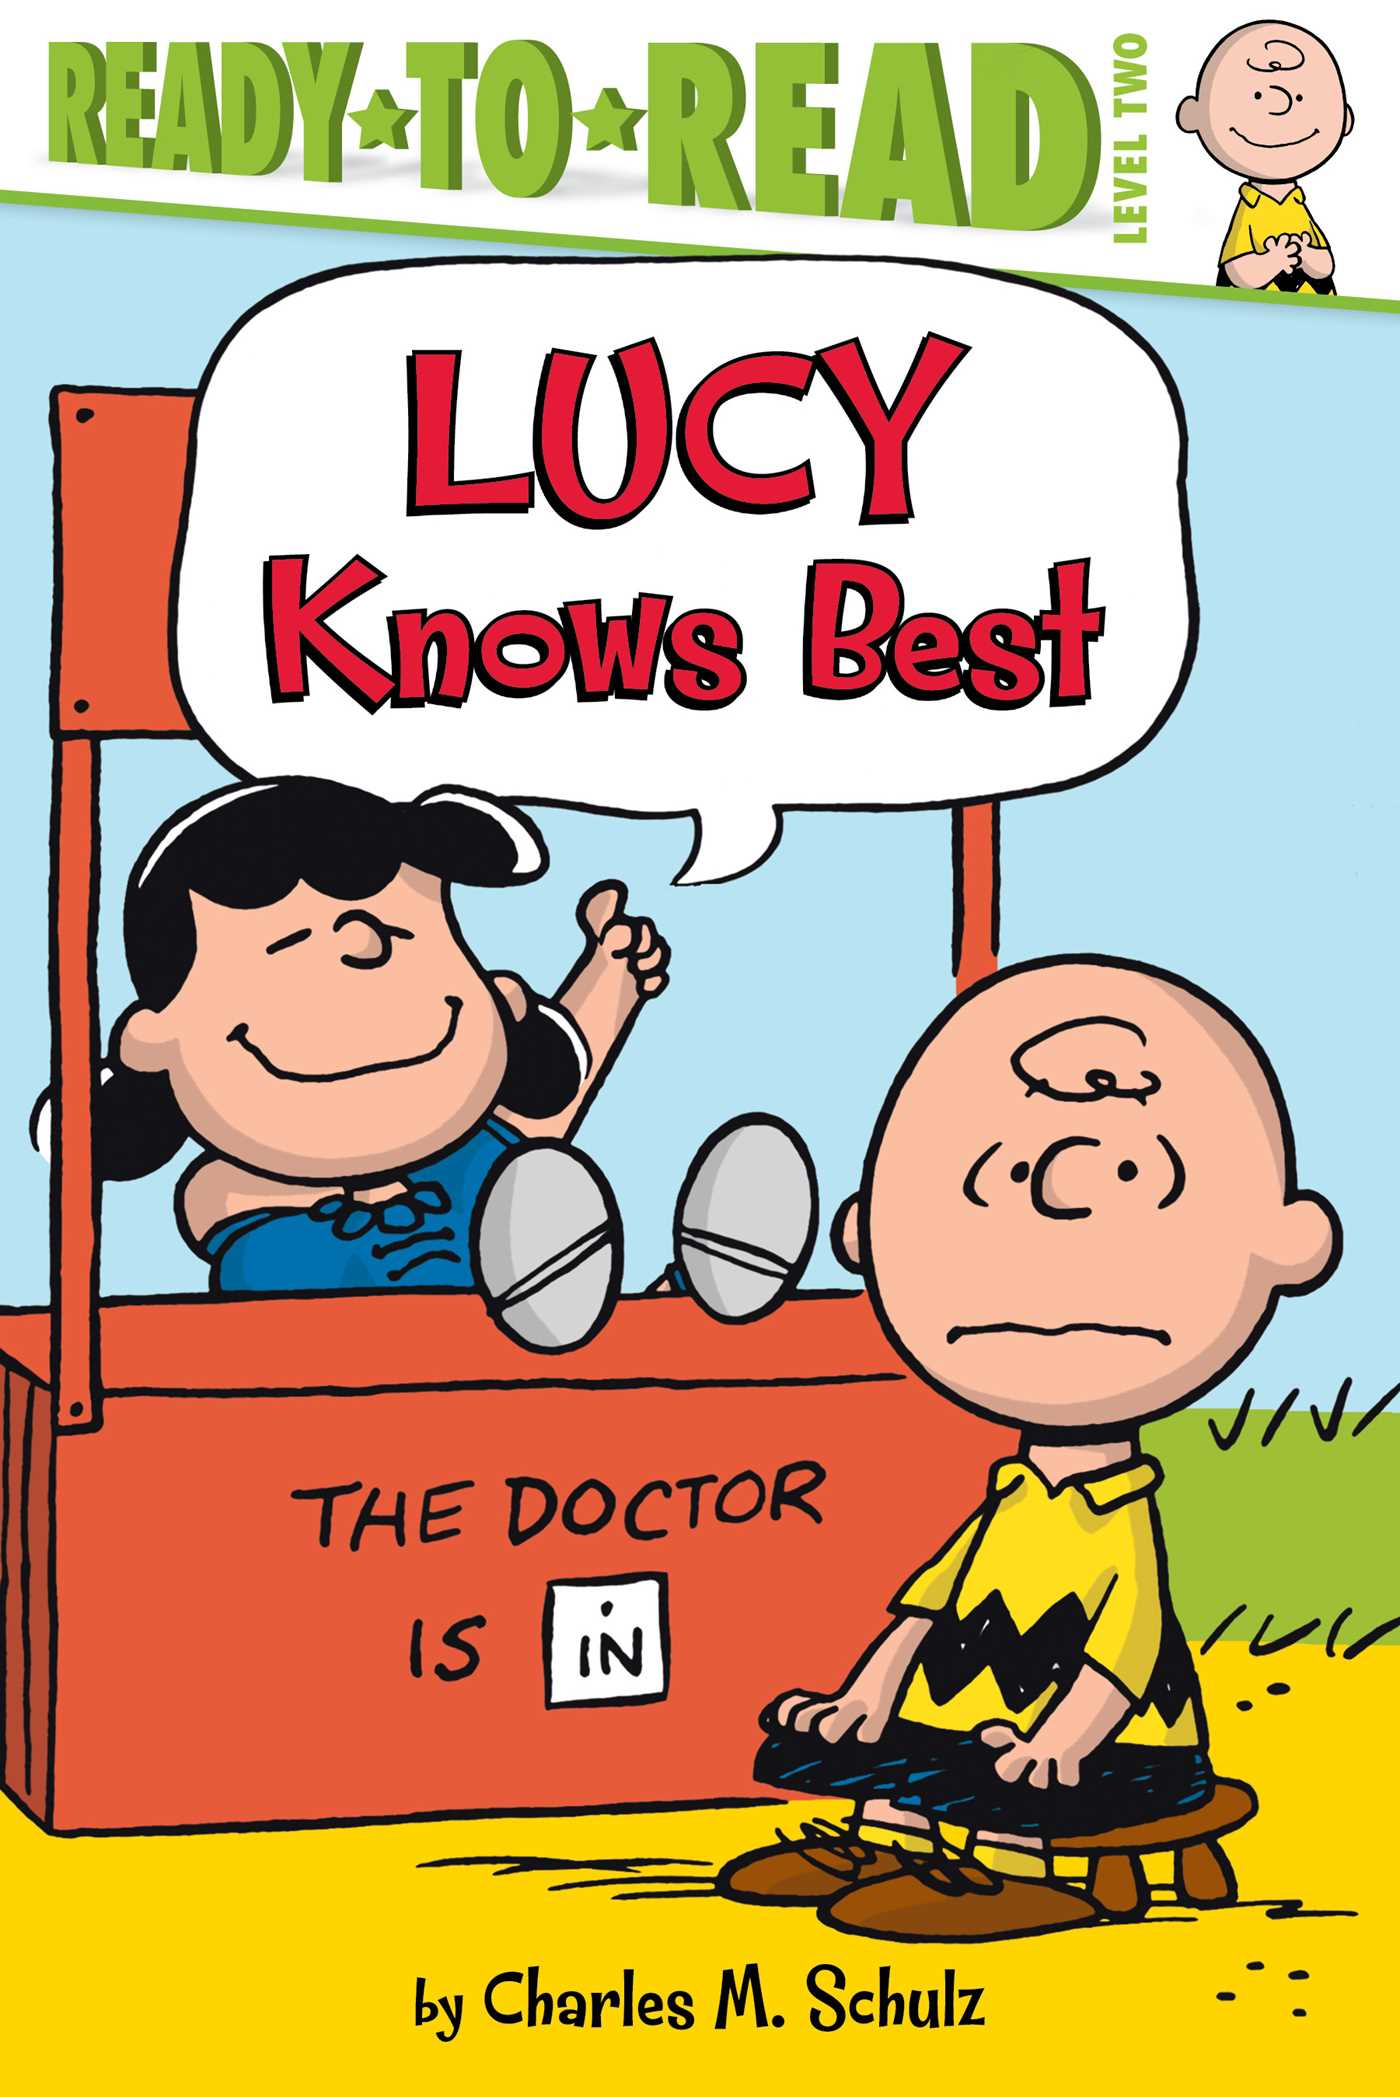 Lucy knows best 9781481467704 hr